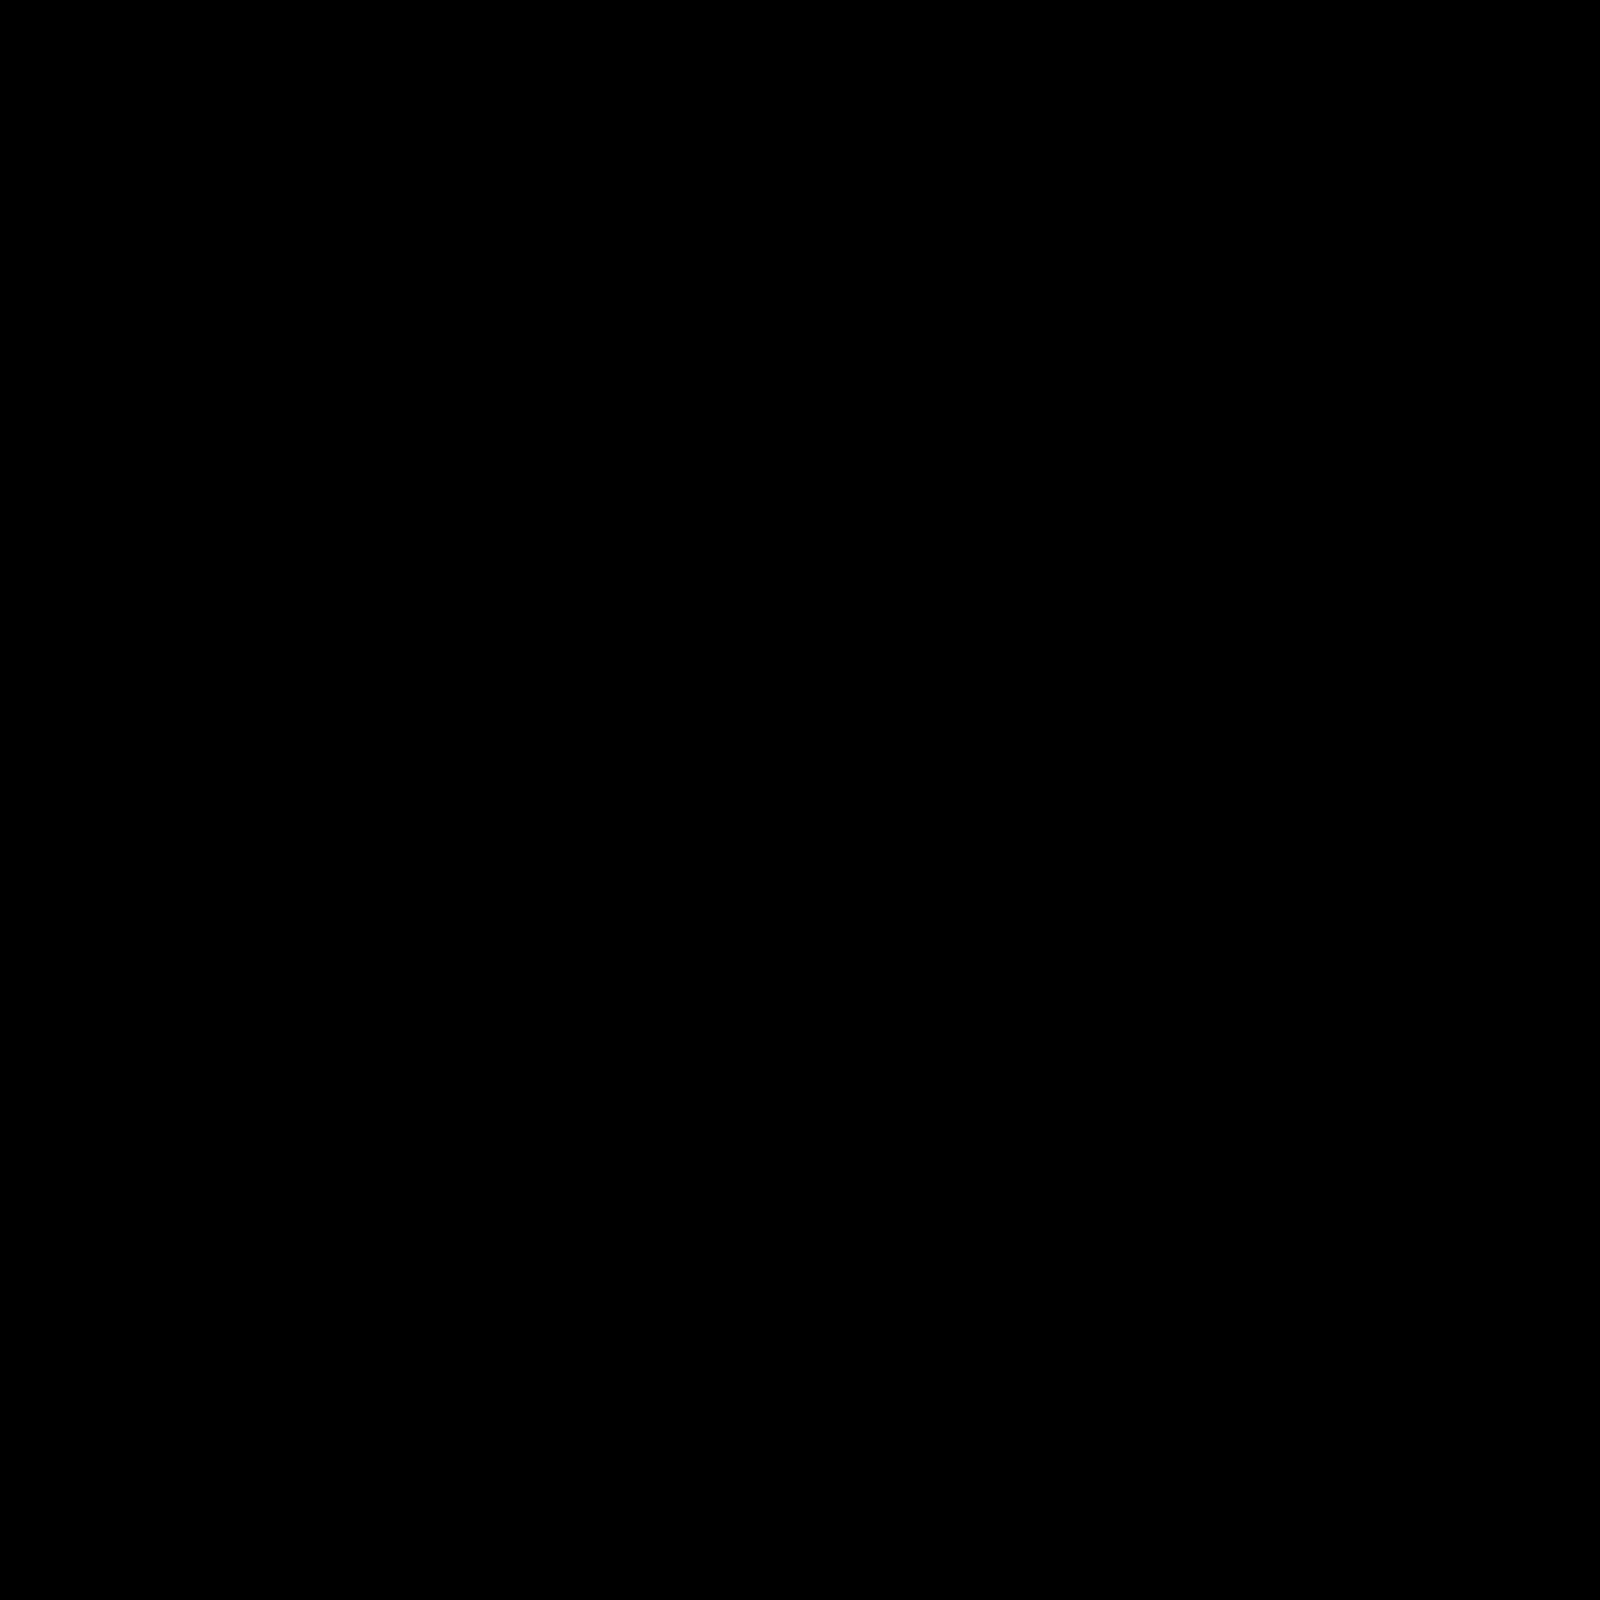 Wznów stronę internetową icon